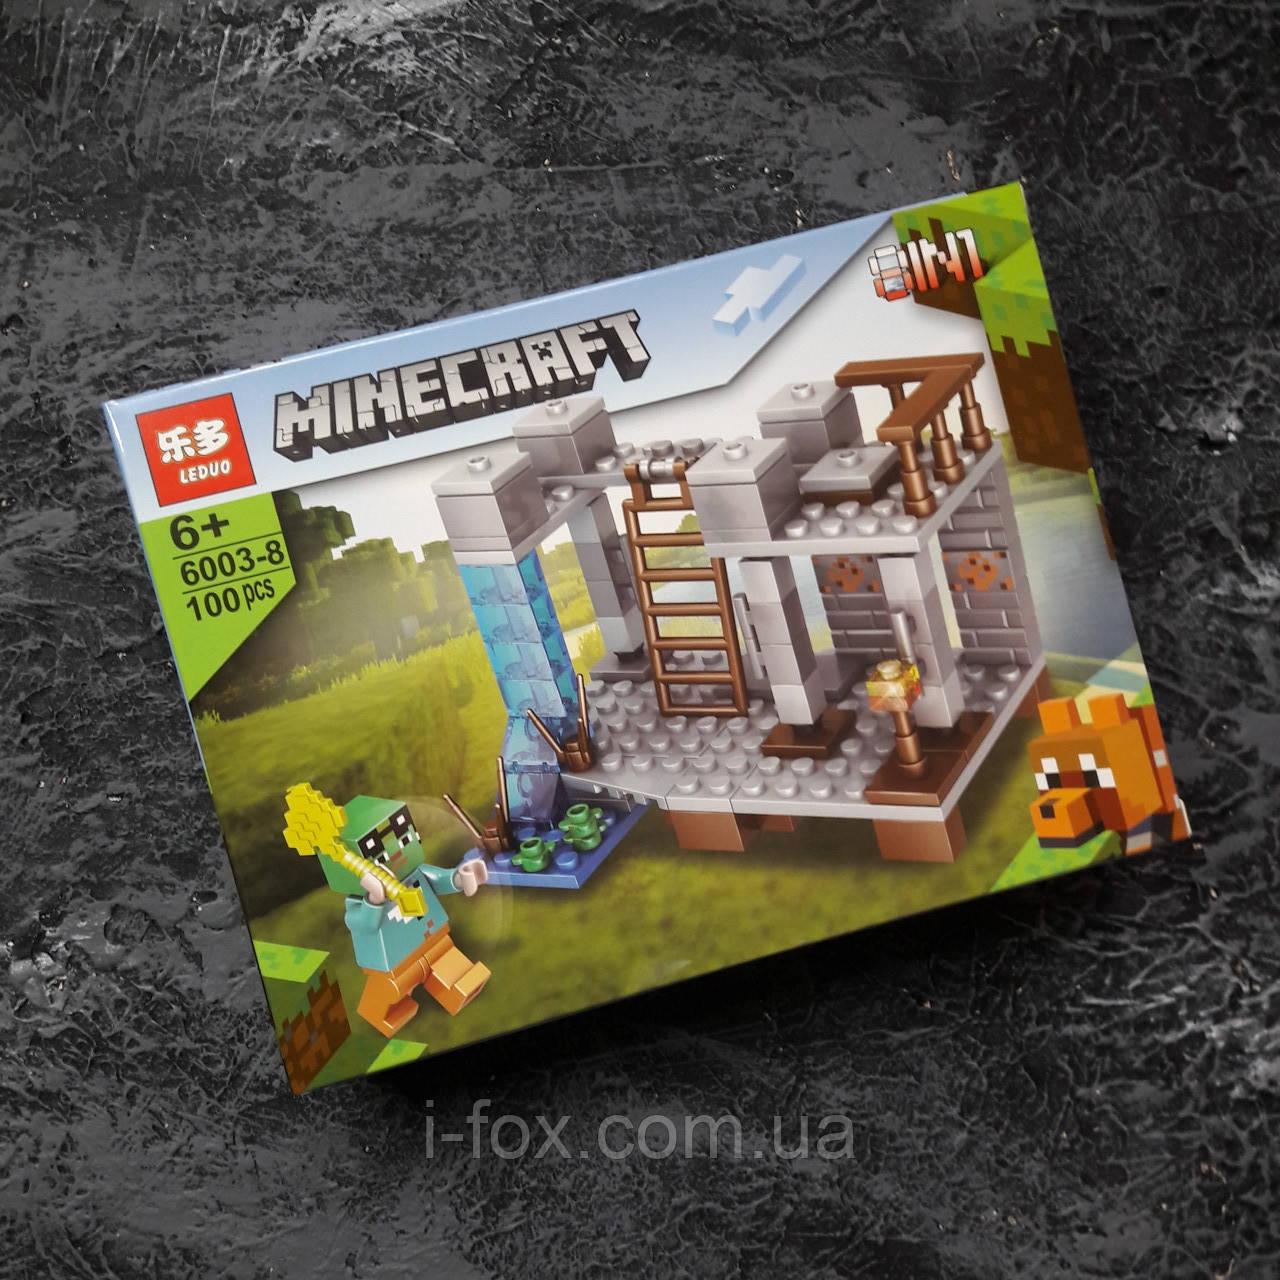 Конструктор Minecraft Коллекция из 8 в 1| Конструктор Minecraf Построй свой поселок